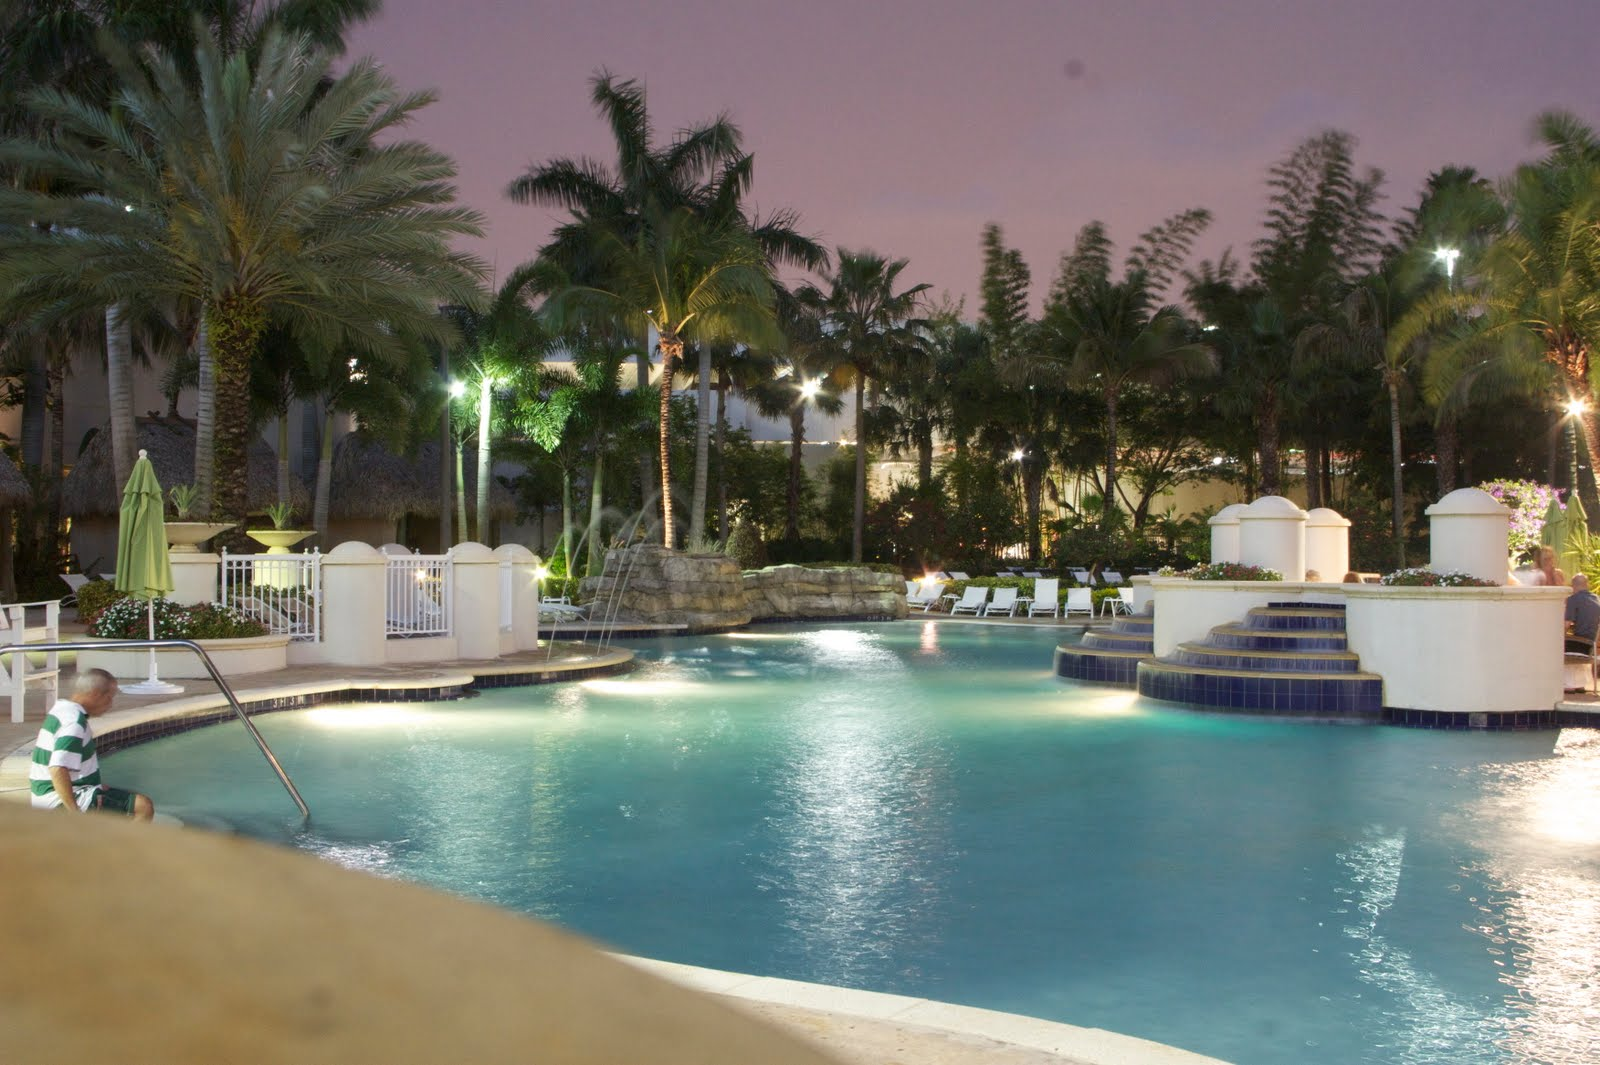 Florida Fun Casino Party